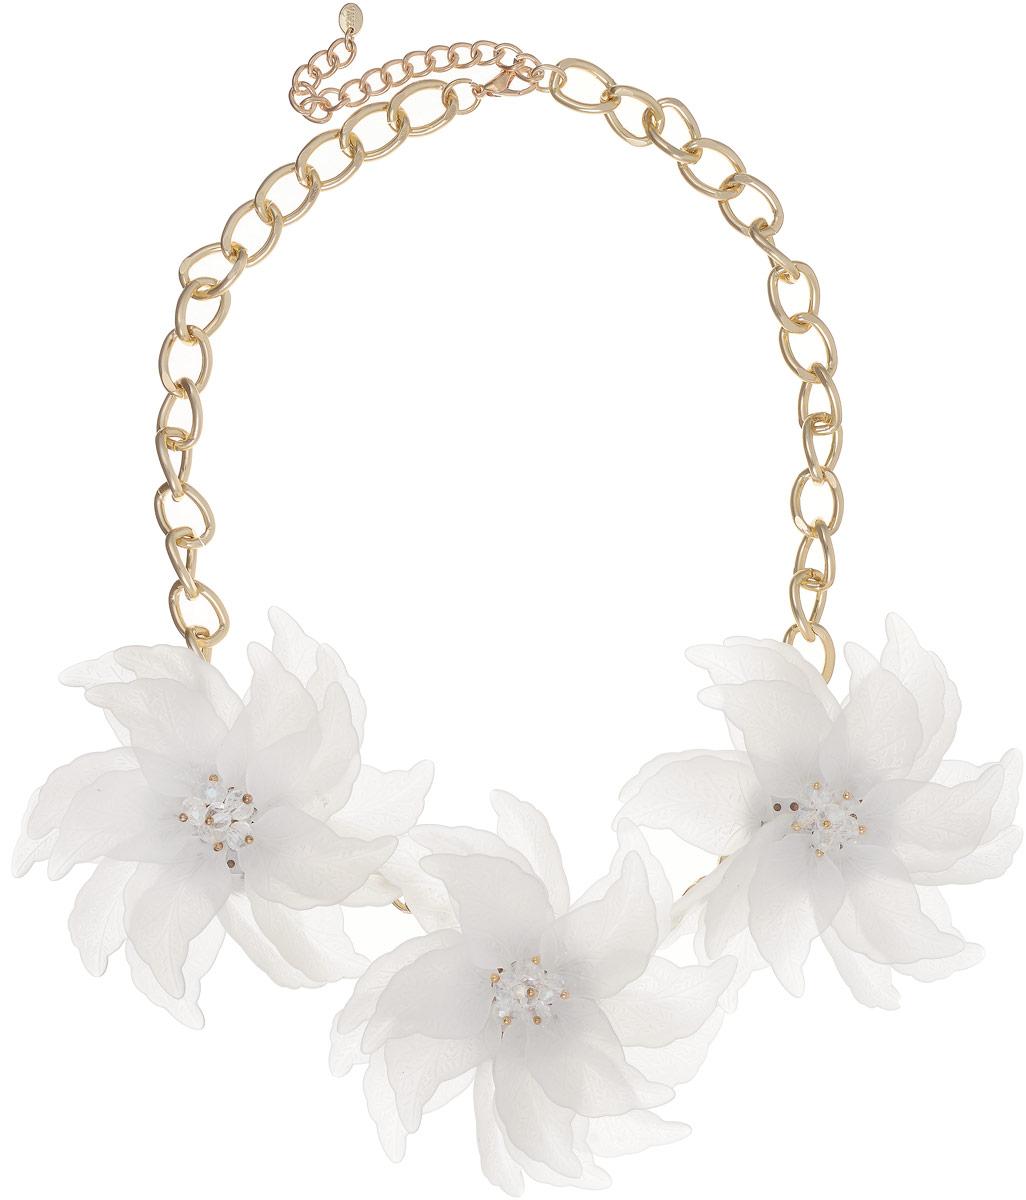 Колье Taya, цвет: золотистый, белый. T-B-13230Колье (короткие одноярусные бусы)Три матовых полупрозрачных цветка с острыми лепестками составляют нежнейшую летнюю композицию. Каждый лепесток плавно изогнут, видны все мельчайшие прожилки. Размеры: длина изделия 47 см + удлинение 7,5 см, каждый цветок диаметром 8,0 см.